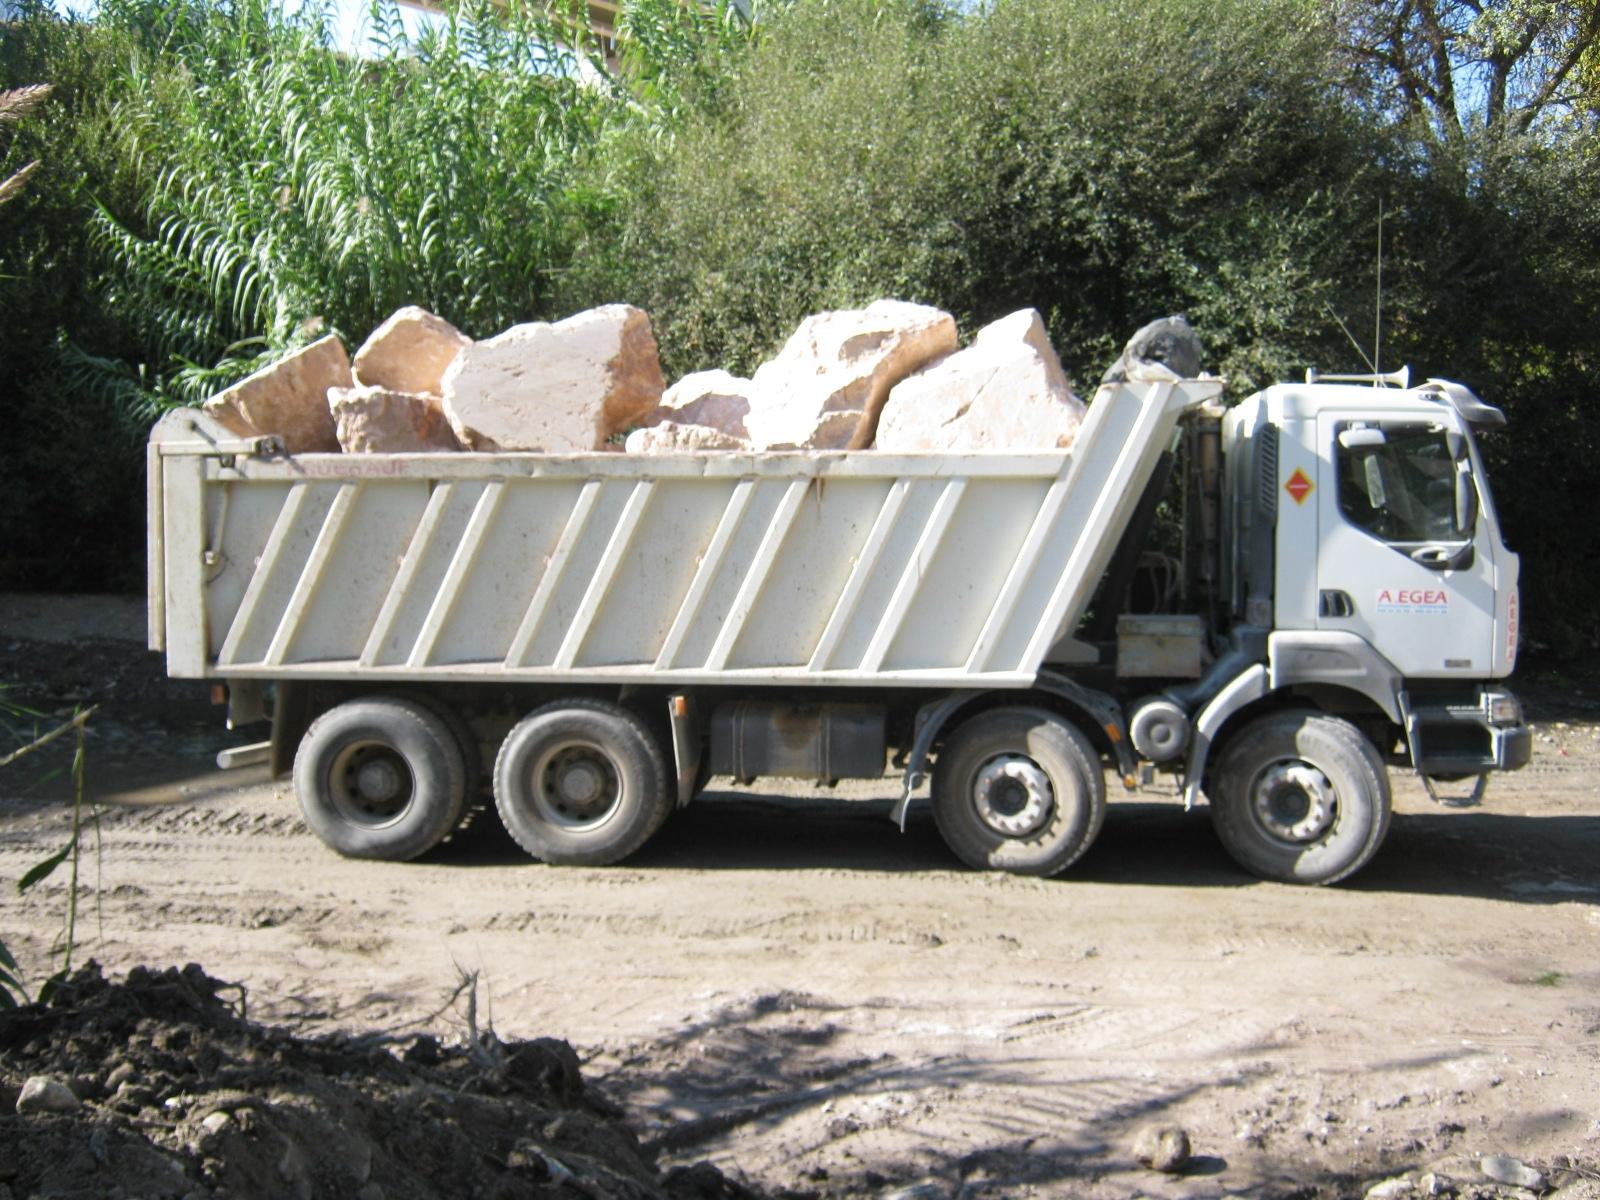 camion-dumper-4-ejes